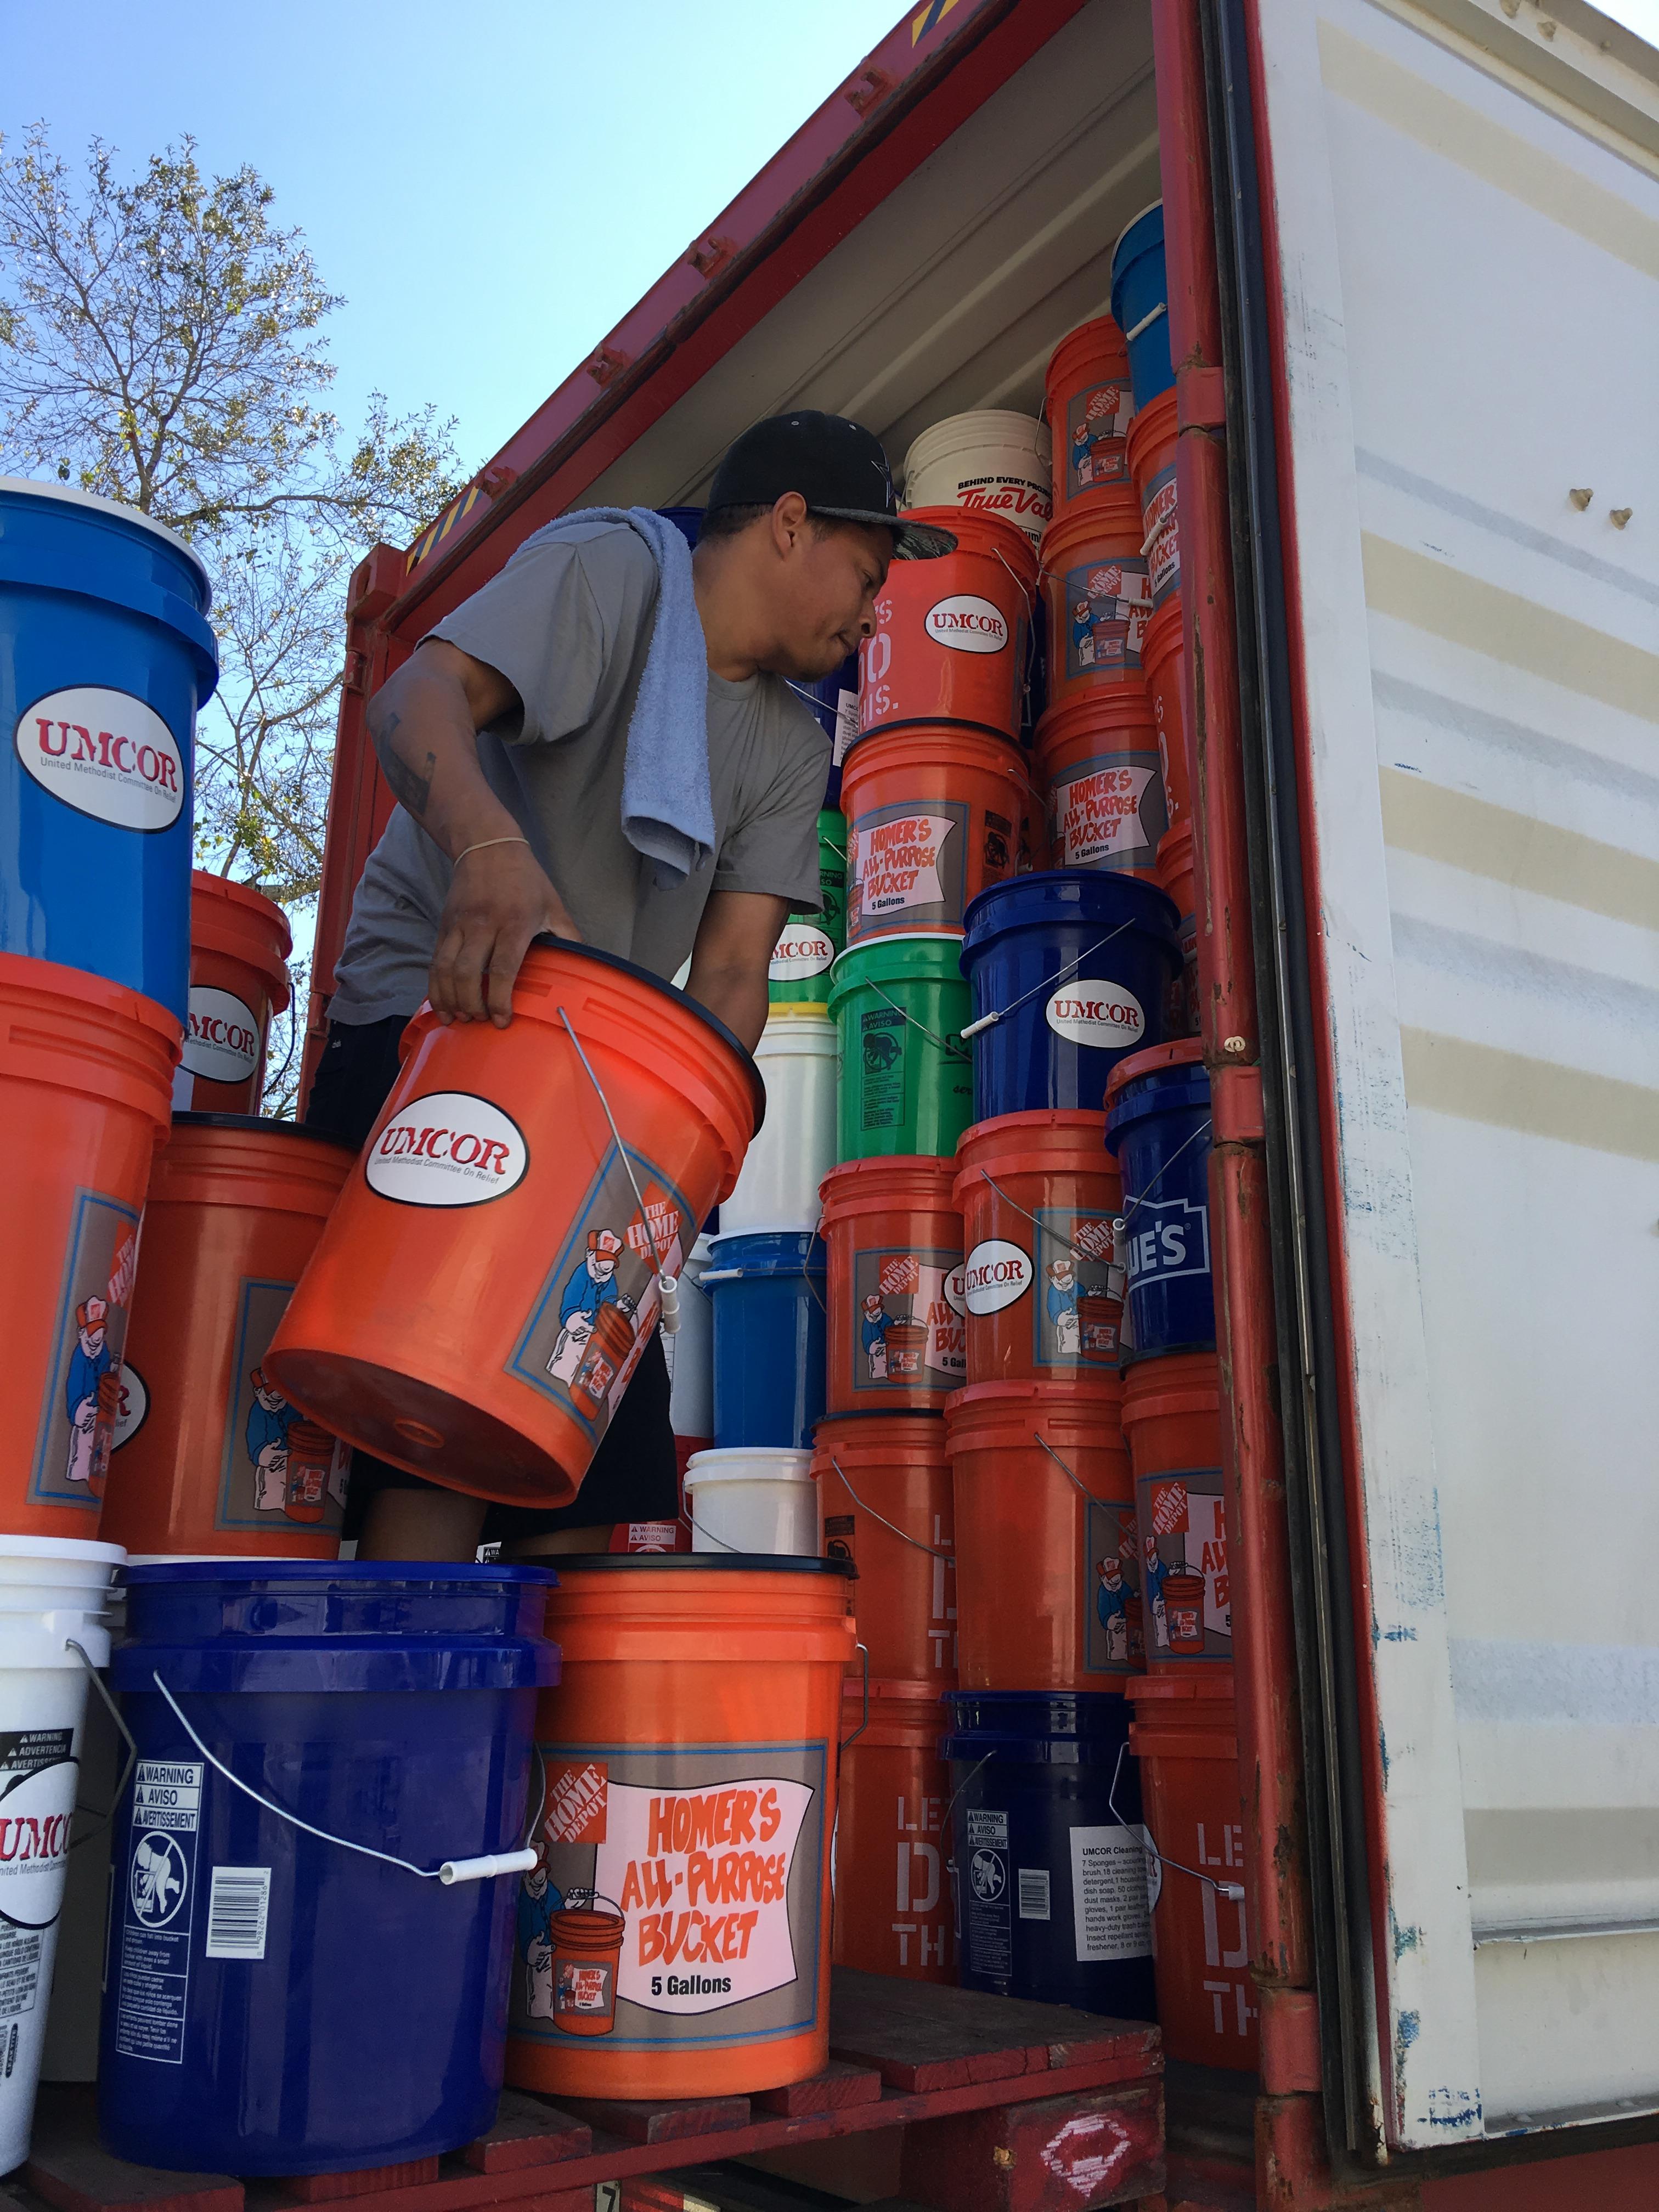 Kim Provost, Jr., personal de la bodega UMCOR Sager Brown carga una camioneta con equipos de limpieza dirigidos a Puerto Rico. FOTO: UMCOR SAGER BROWN DEPOT